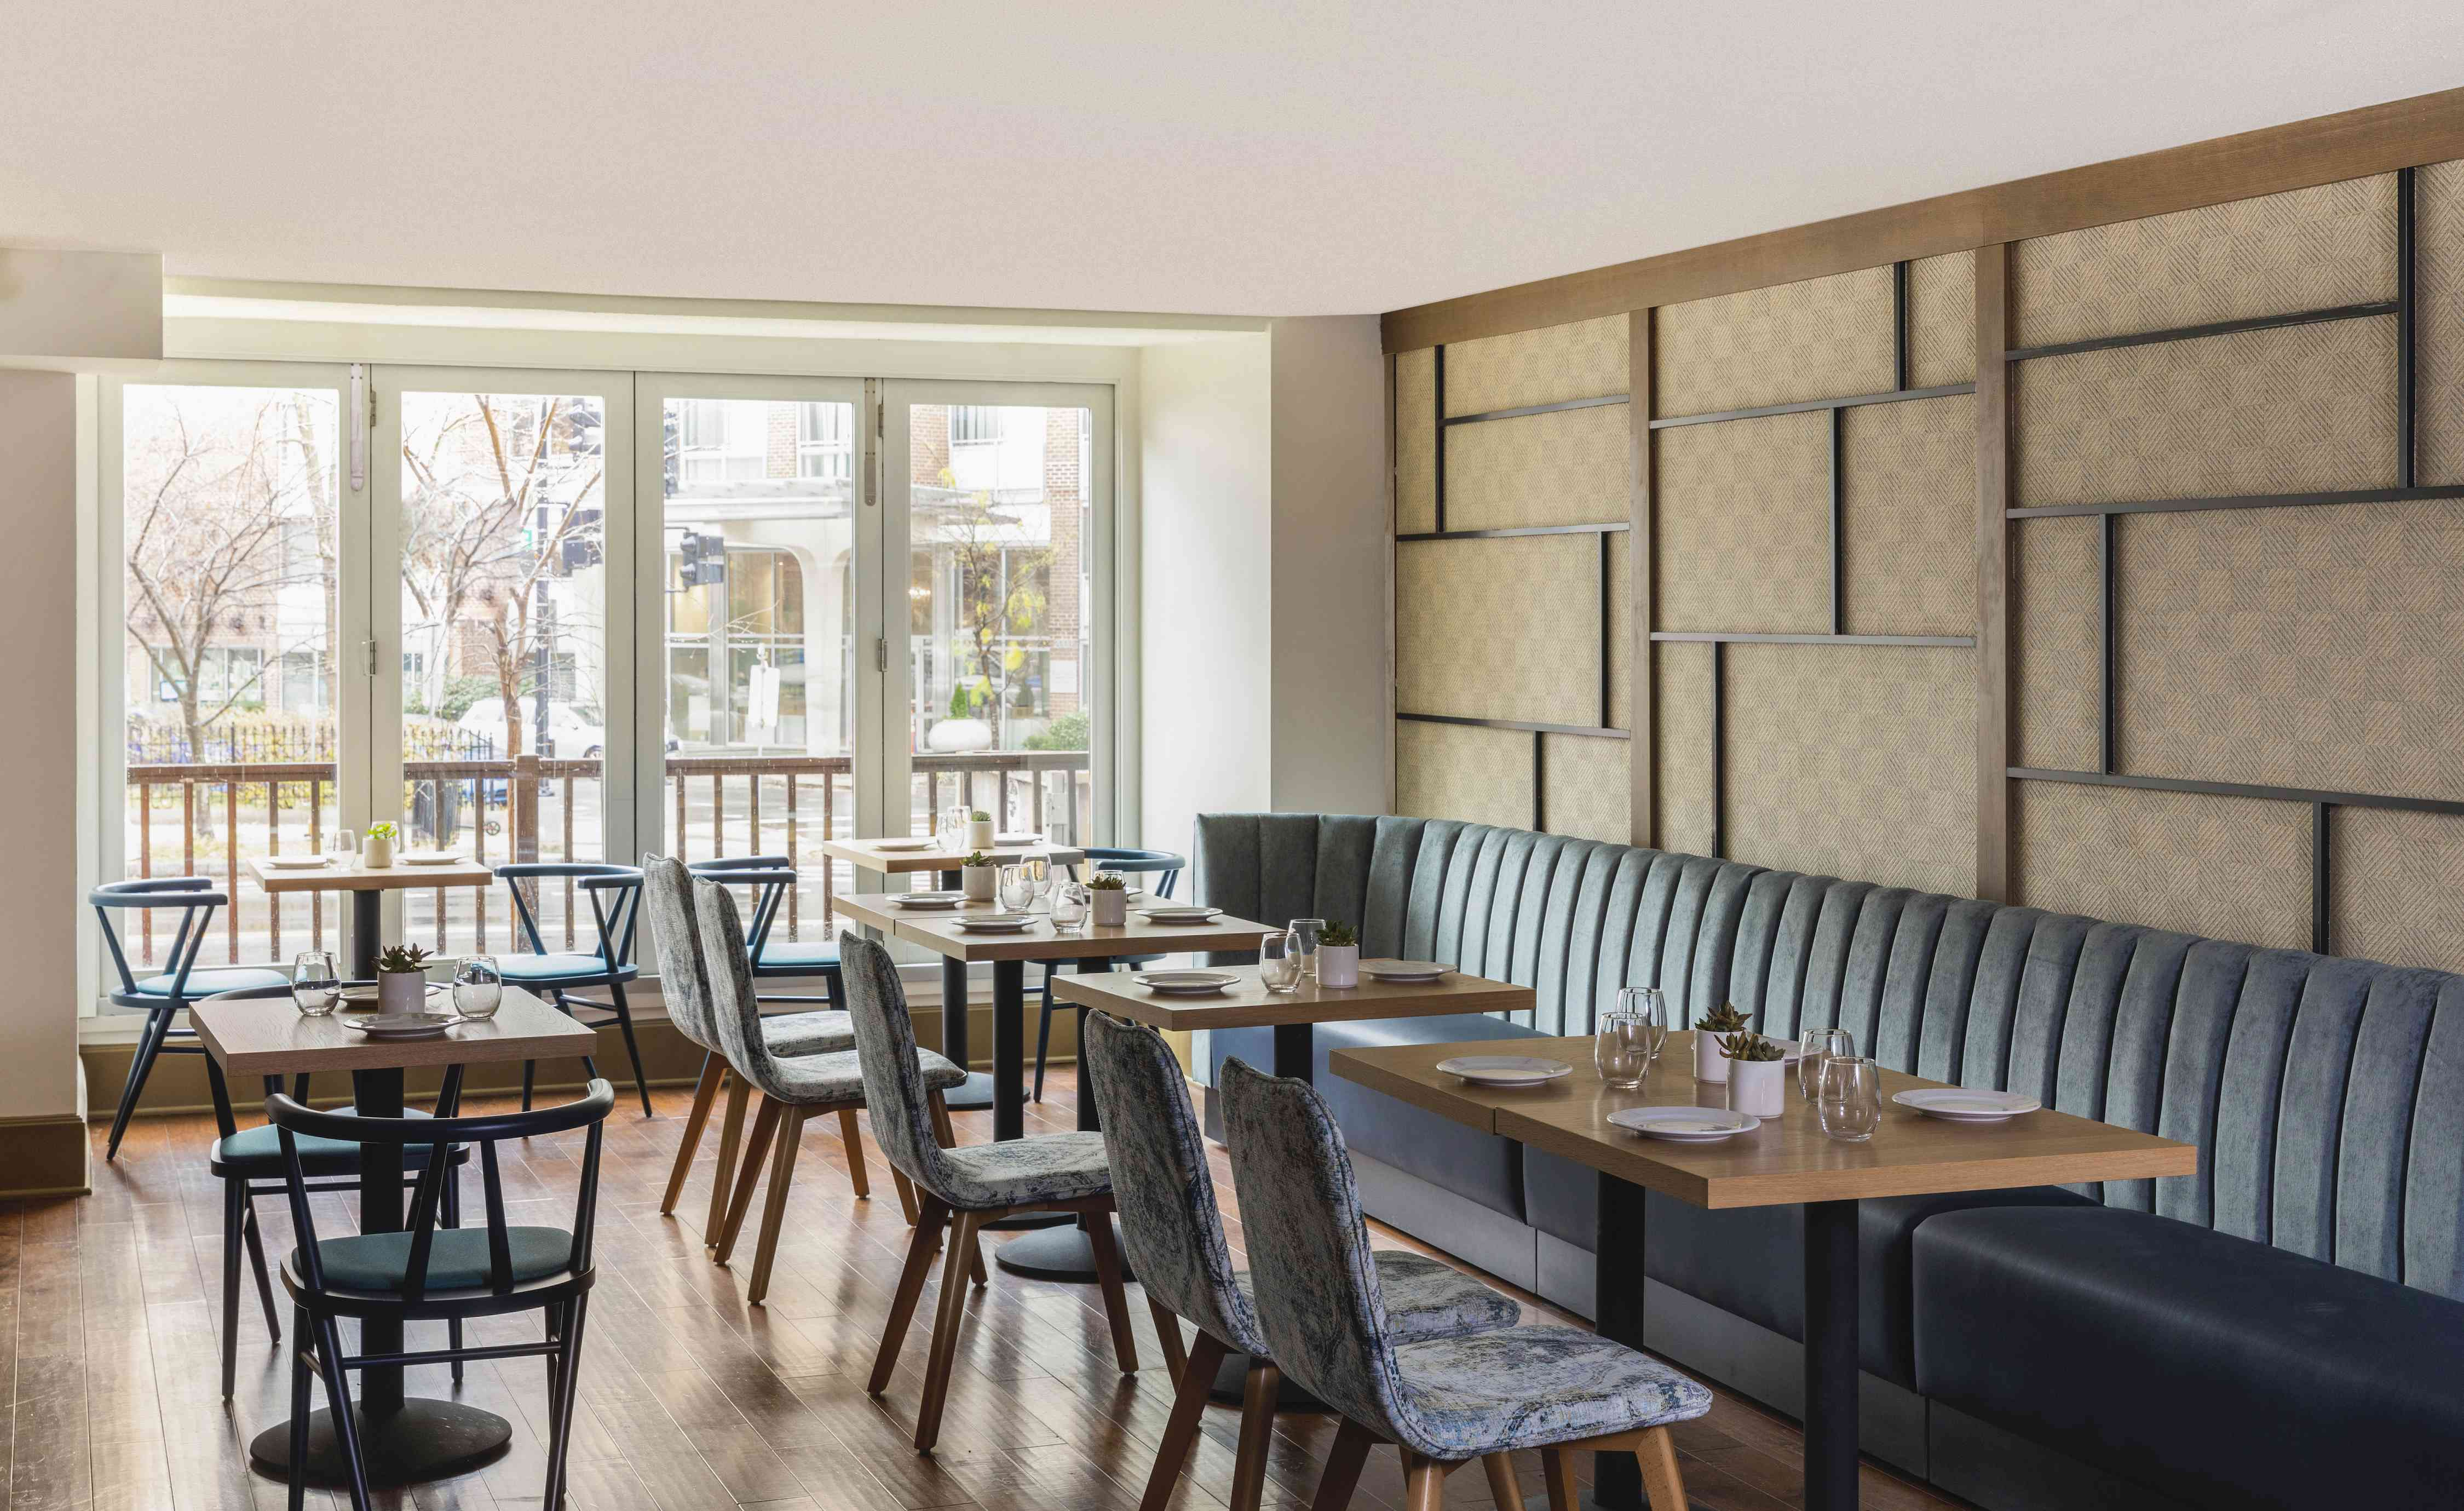 Firefly Kitchen + Bar in Hotel Madera